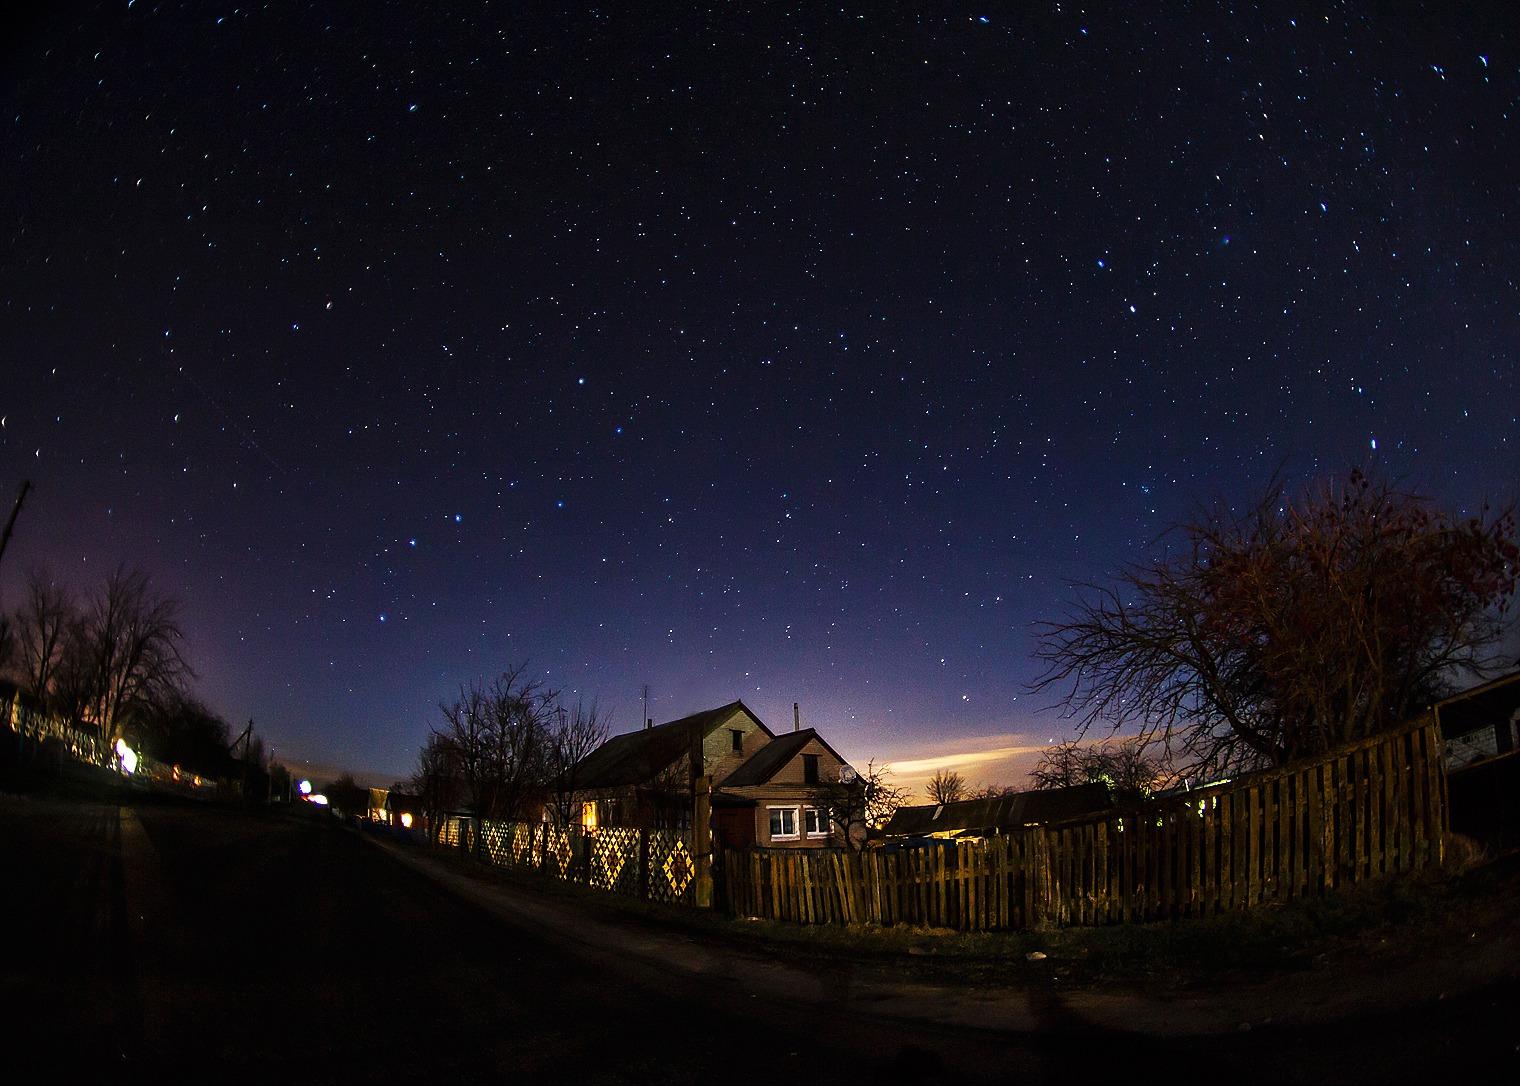 Картинки украинской ночи